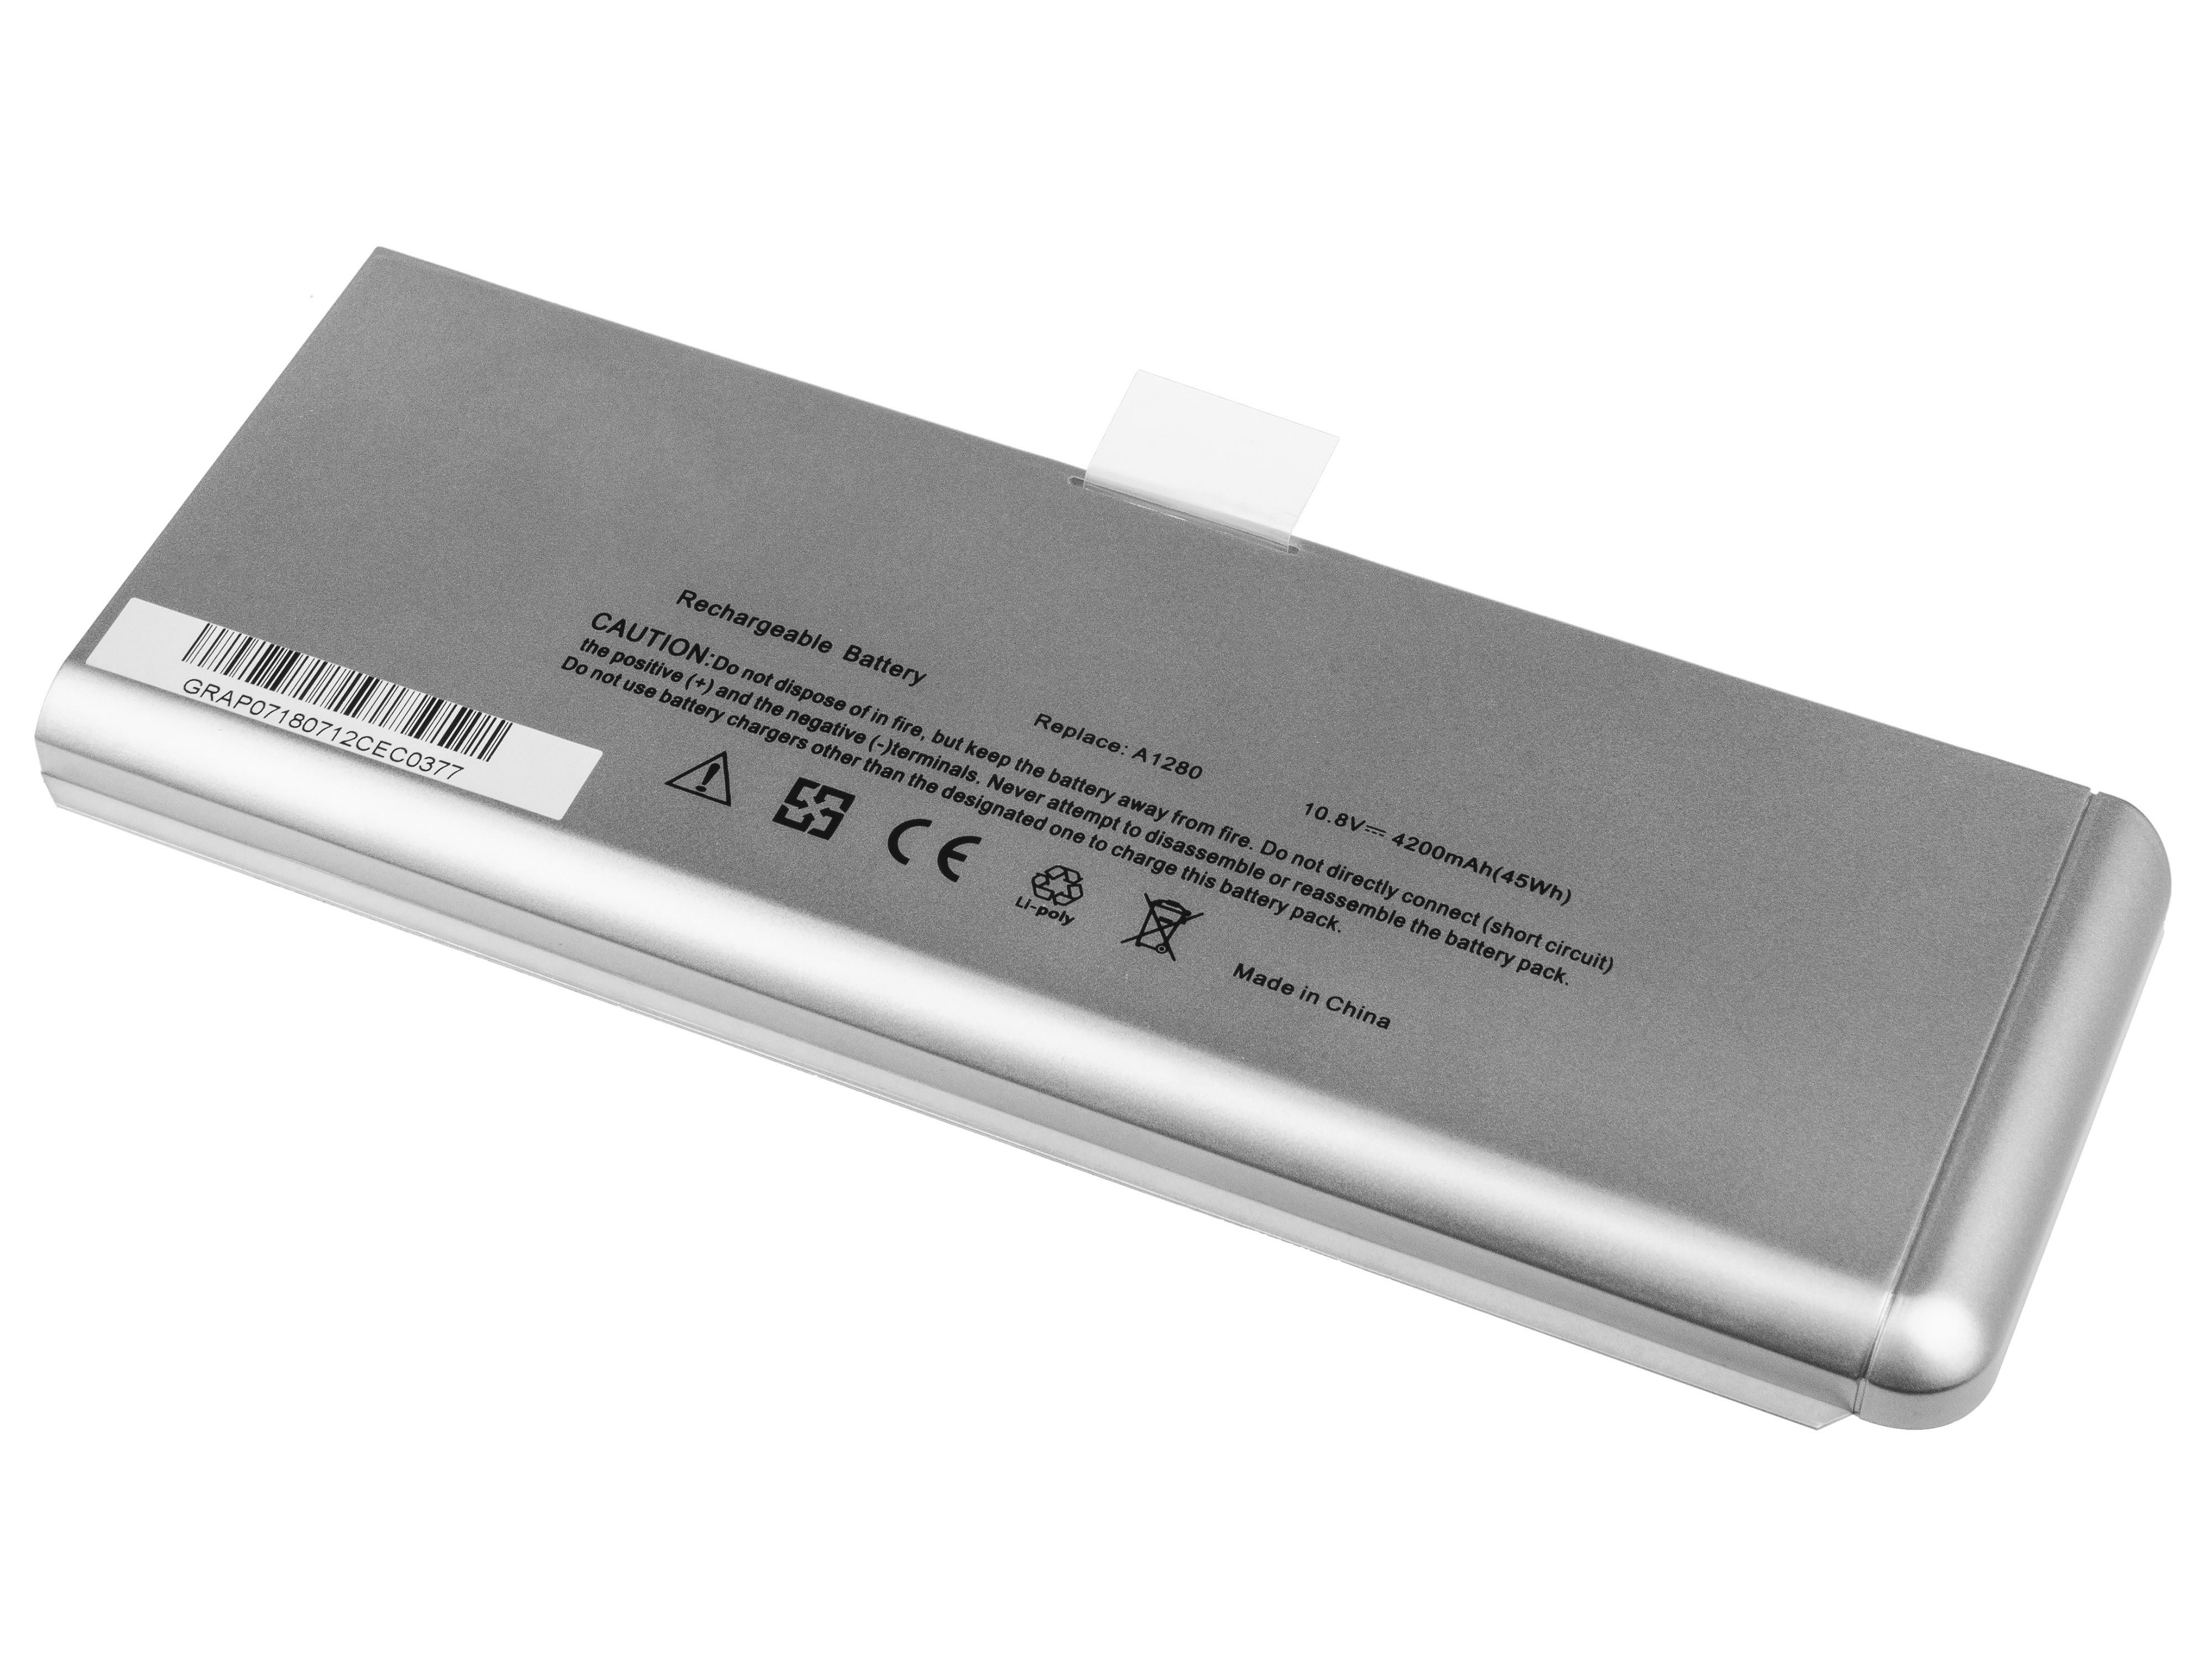 Apple Macbook 13 A1278 Aluminium Unibody (sent 2008) / 11,1V 4200mAh